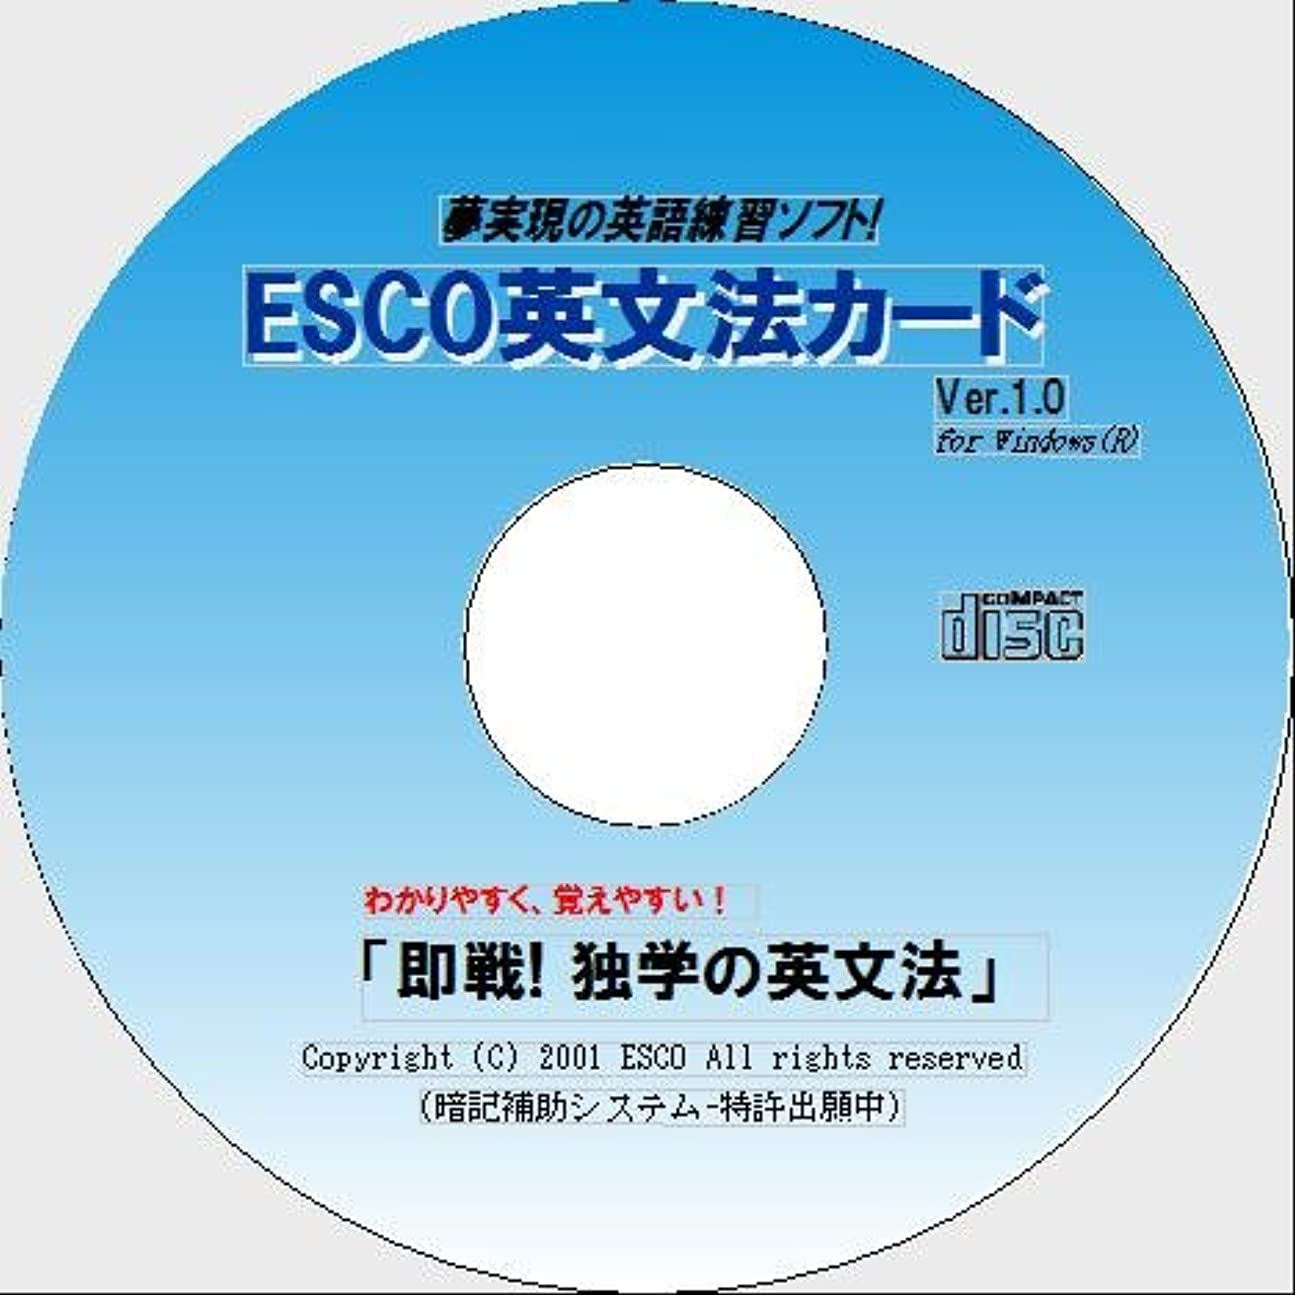 電球墓覚醒ESCO英文法カード「即戦! 独学の英文法」 計3,050カード